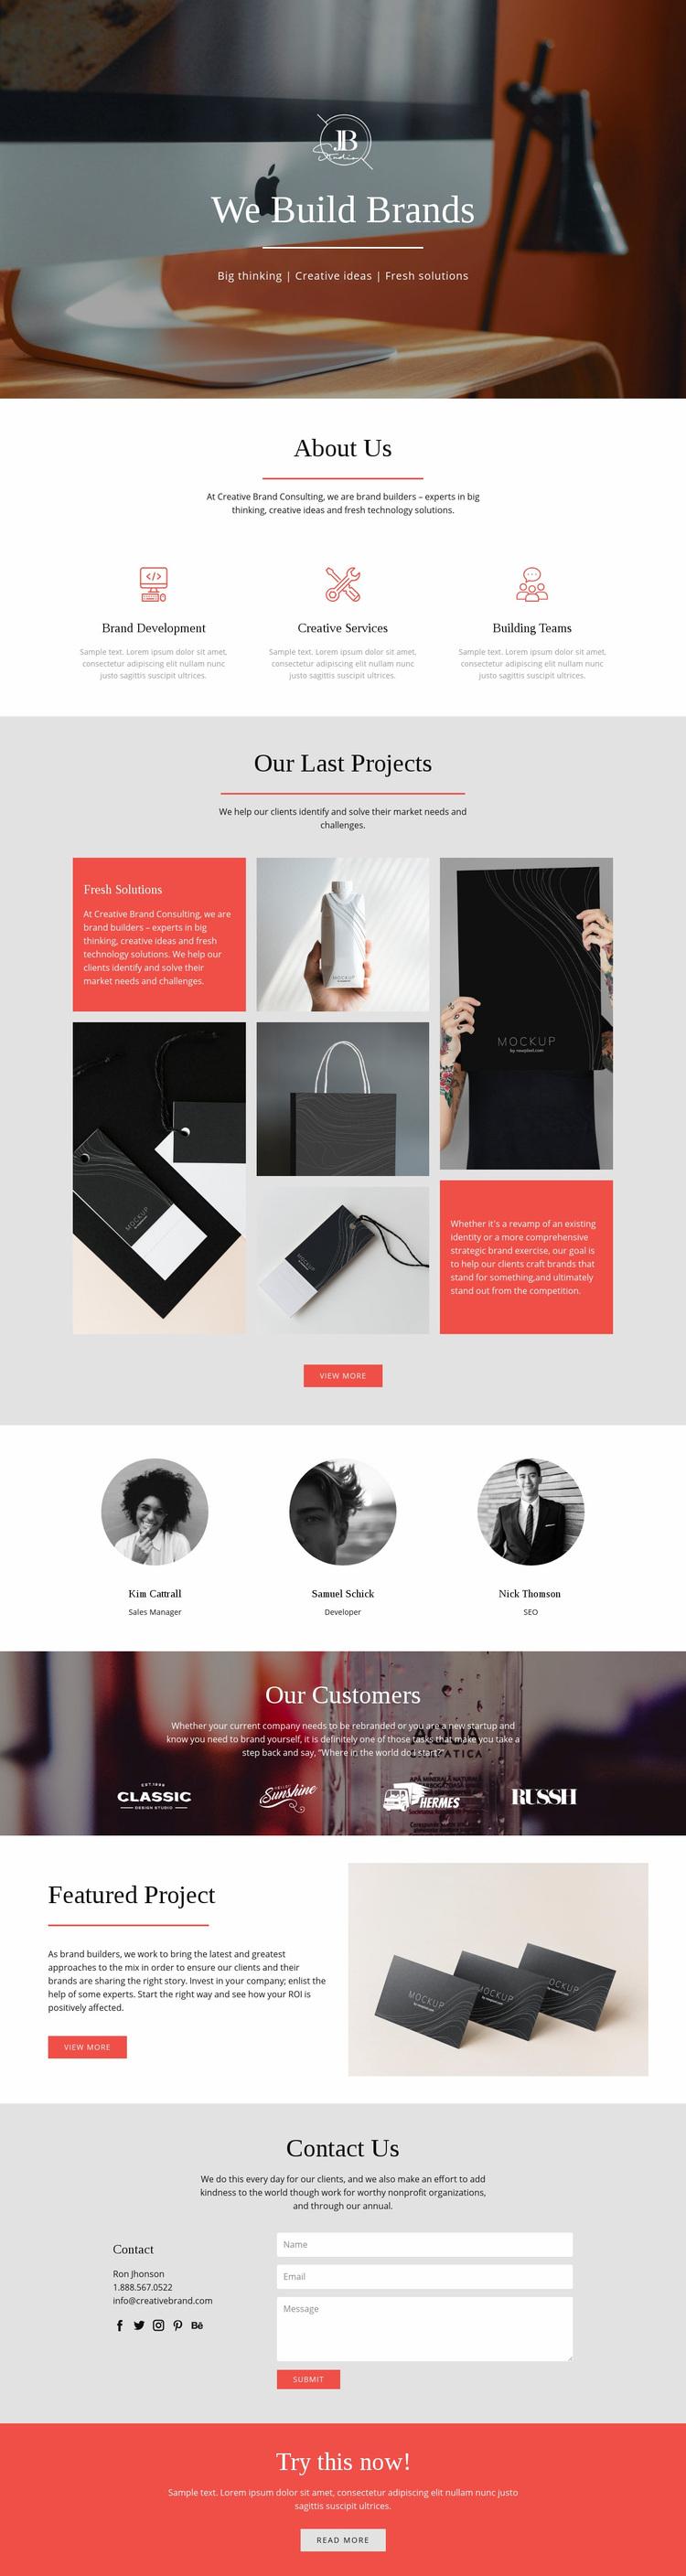 We build brands Web Page Designer